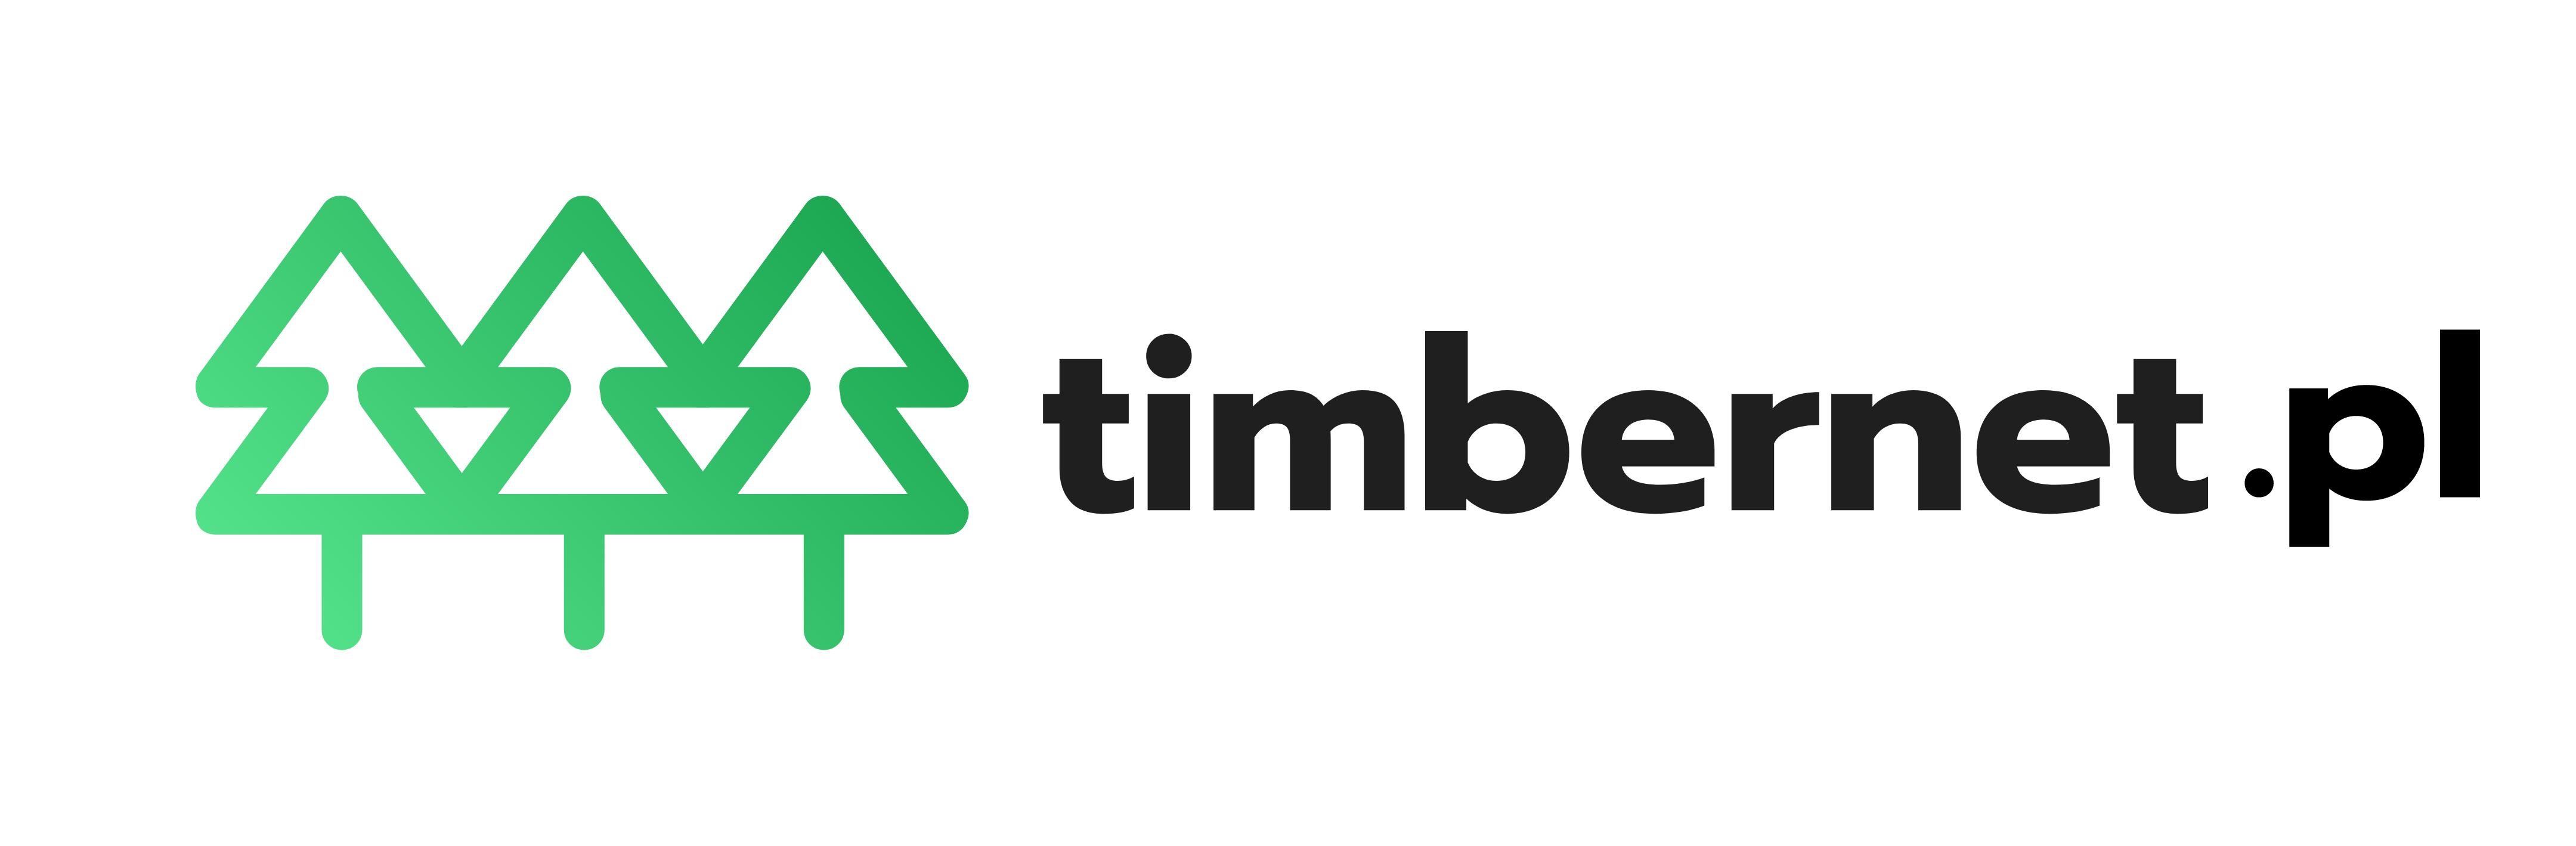 timbernet.pl